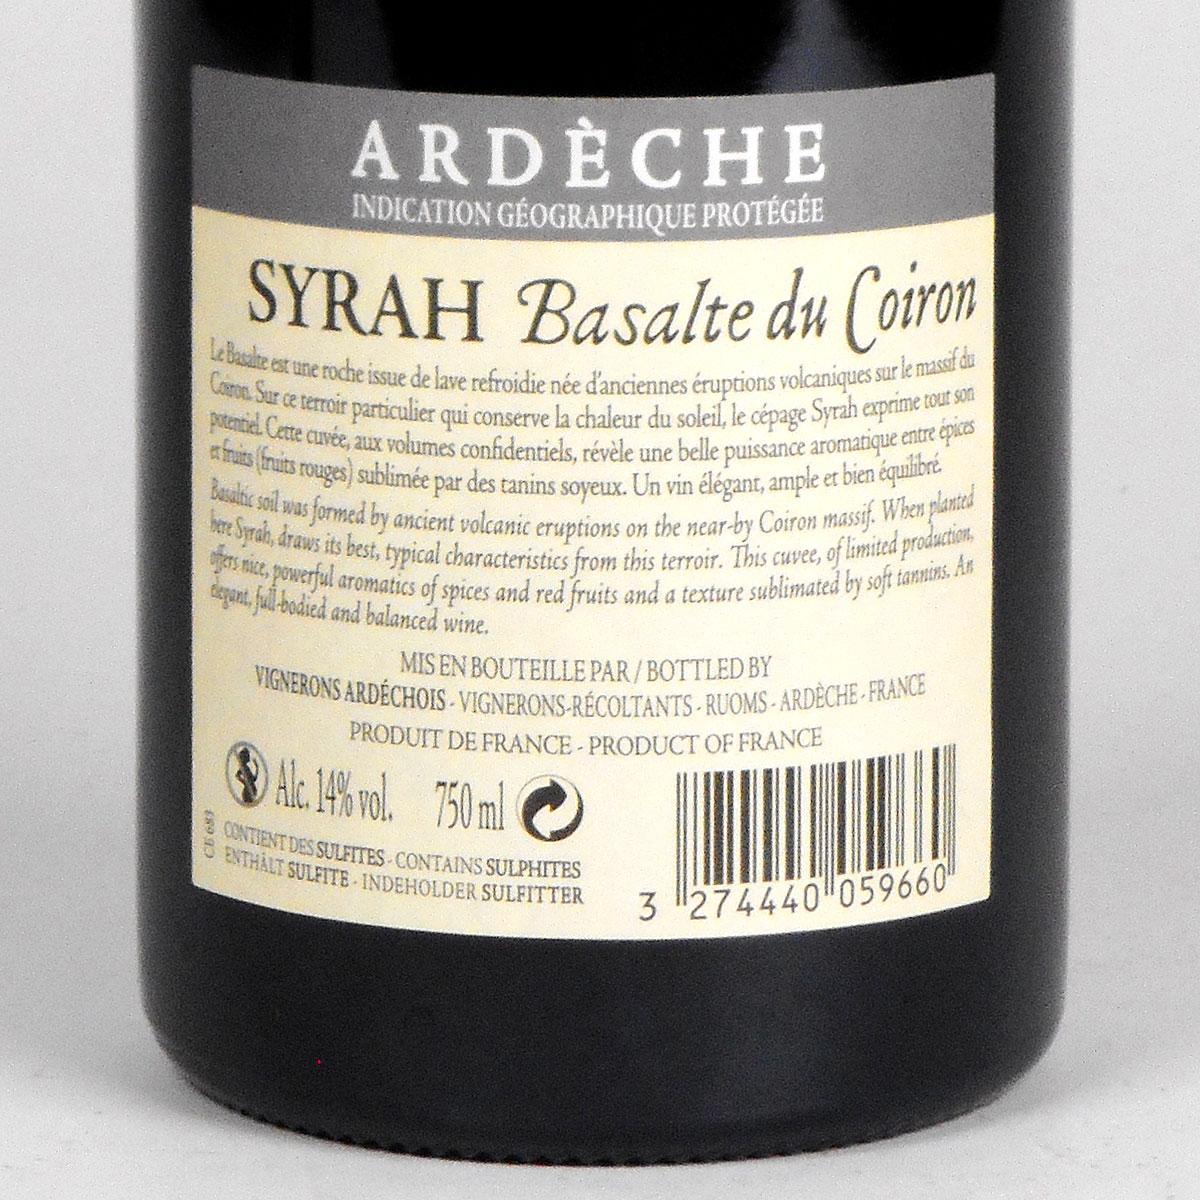 Coteaux de l'Ardèche: 'Basalte du Coiron' Syrah 2018 - Bottle Rear Label